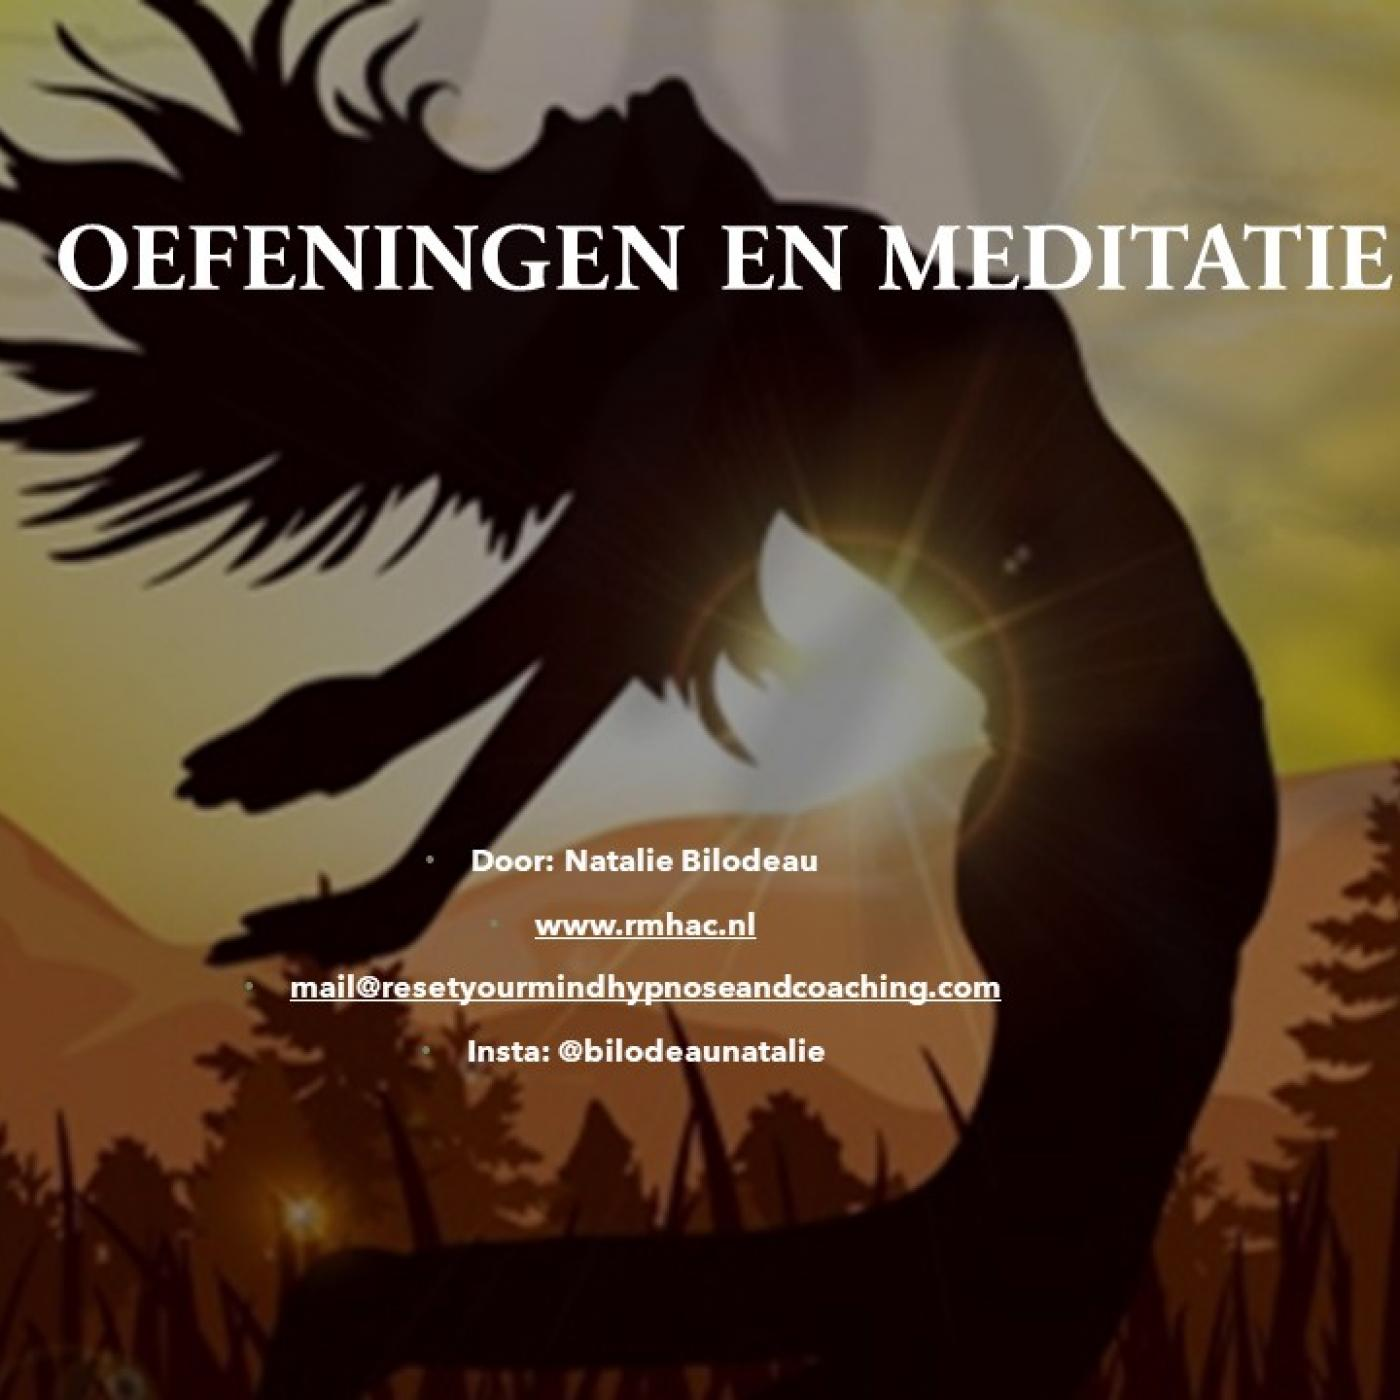 Oefening en meditatie logo